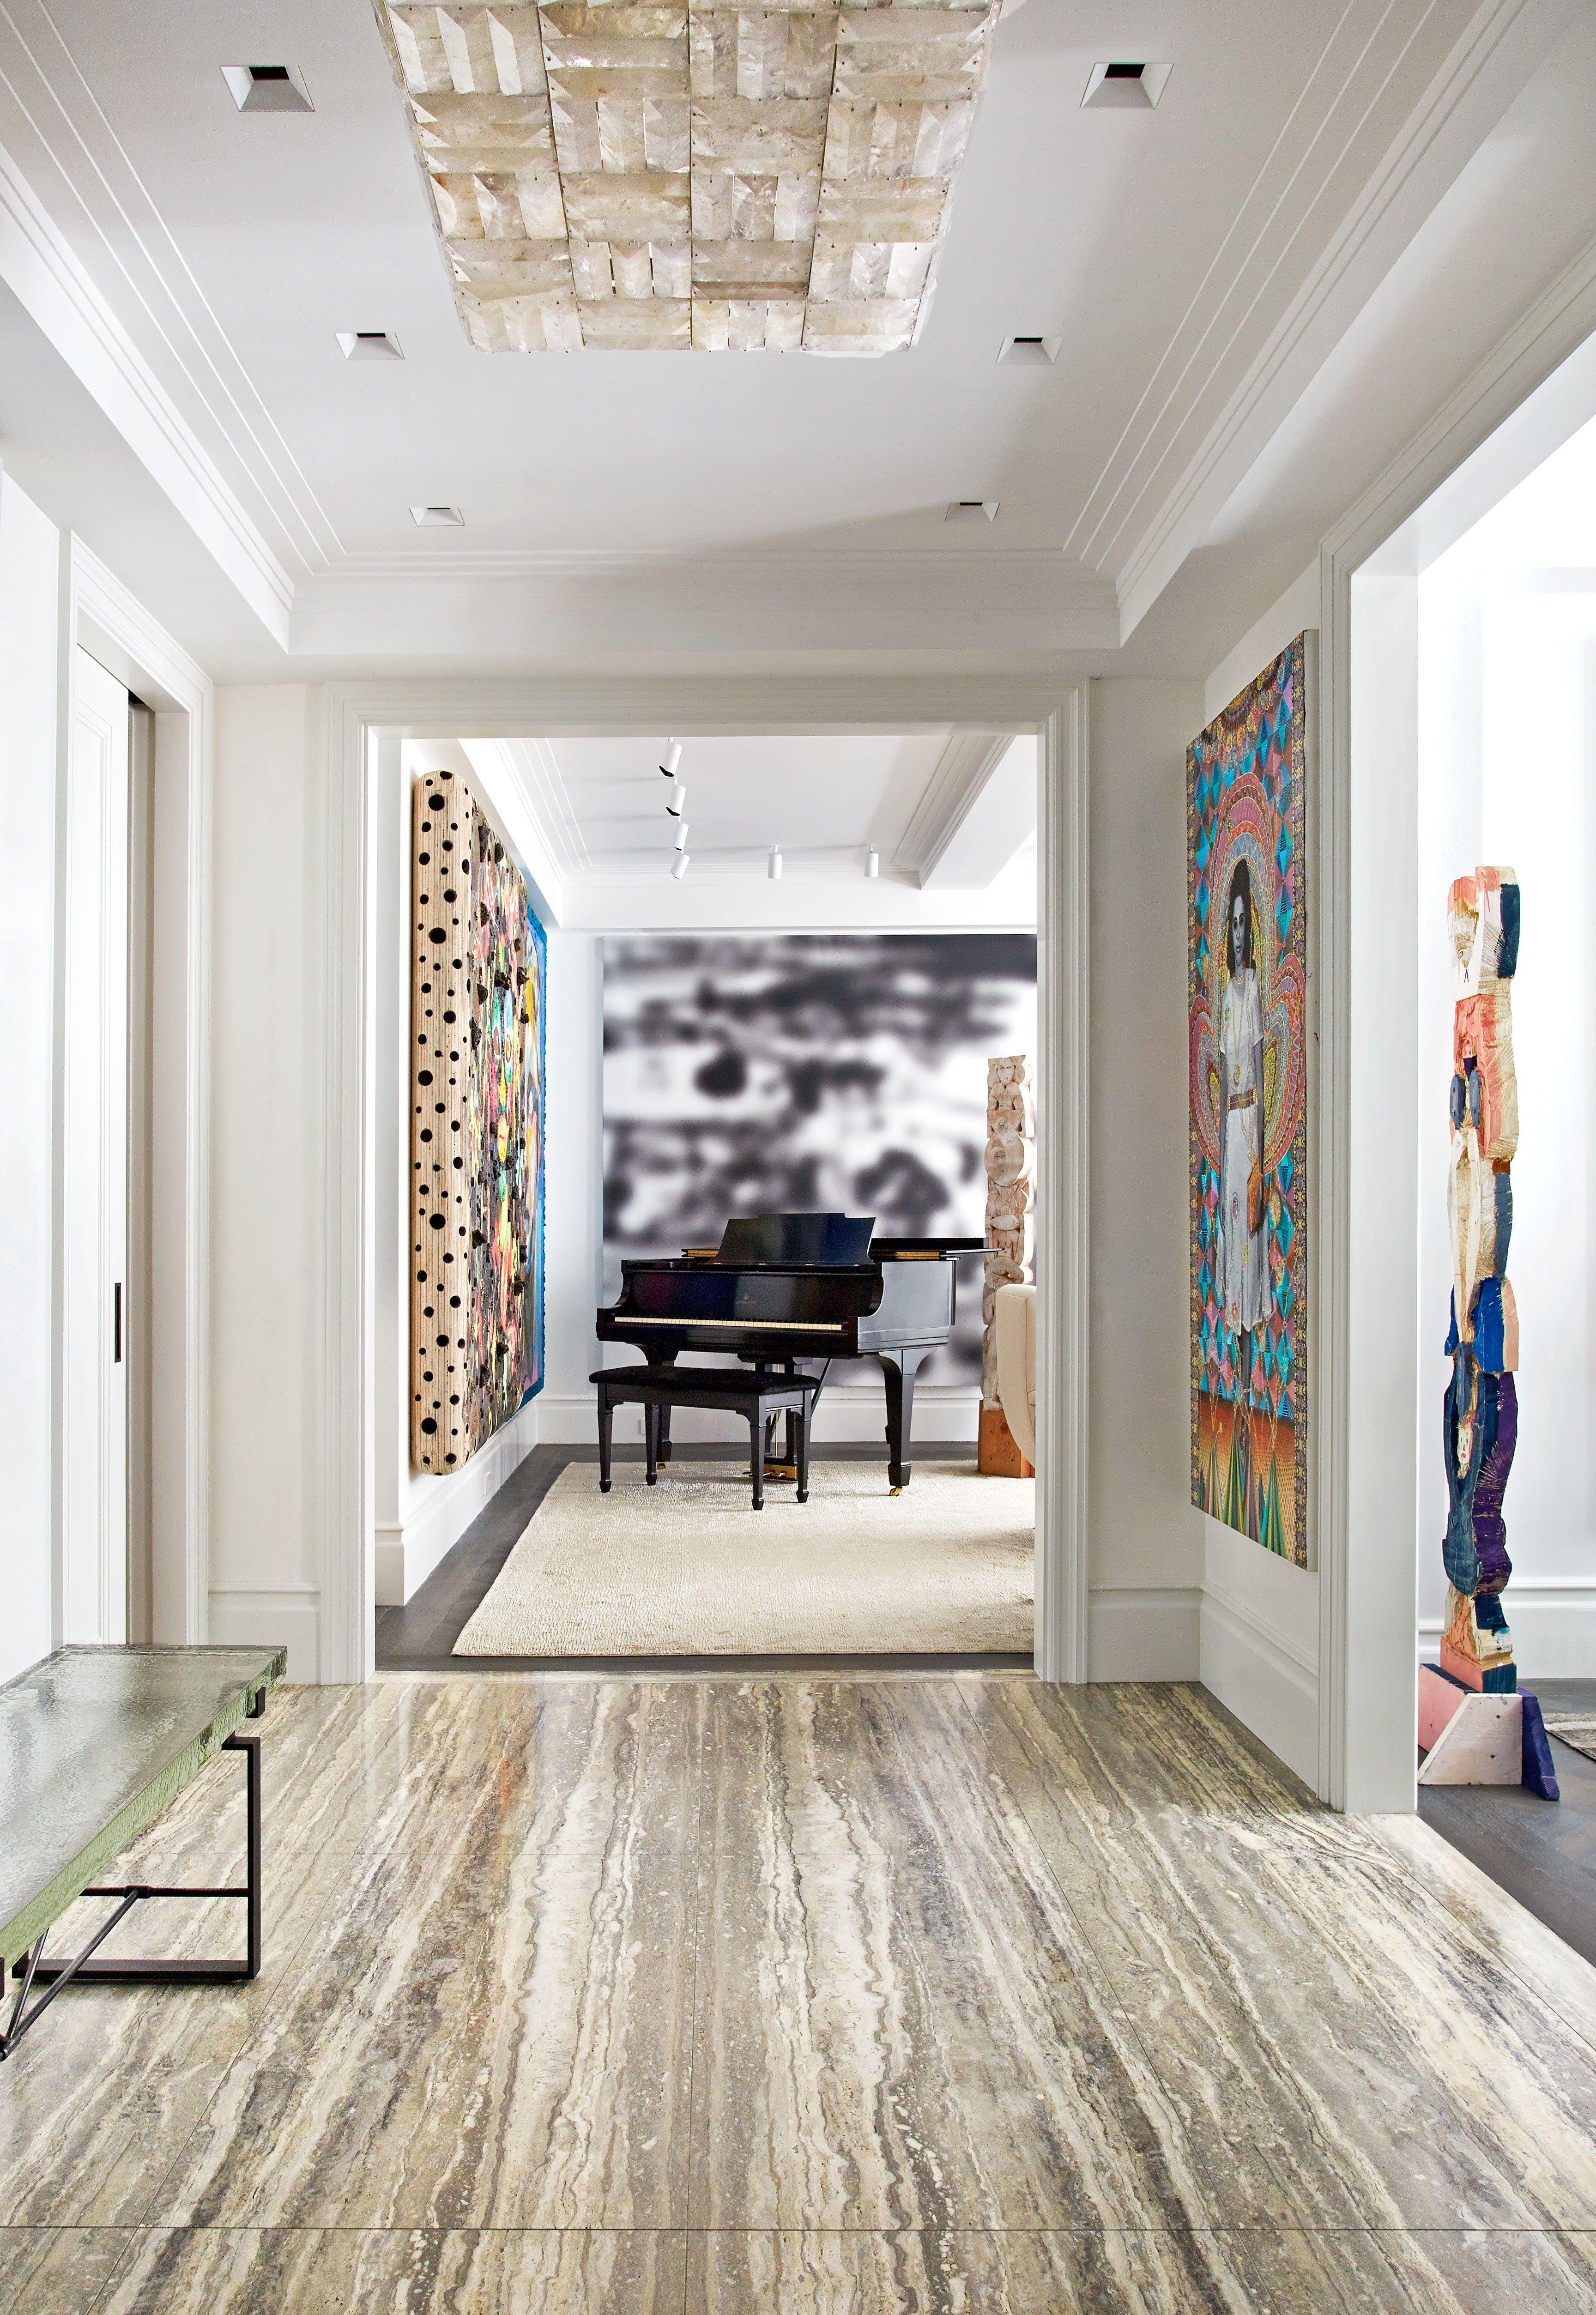 David Mann Designs a New York City Apartment to Showcase an